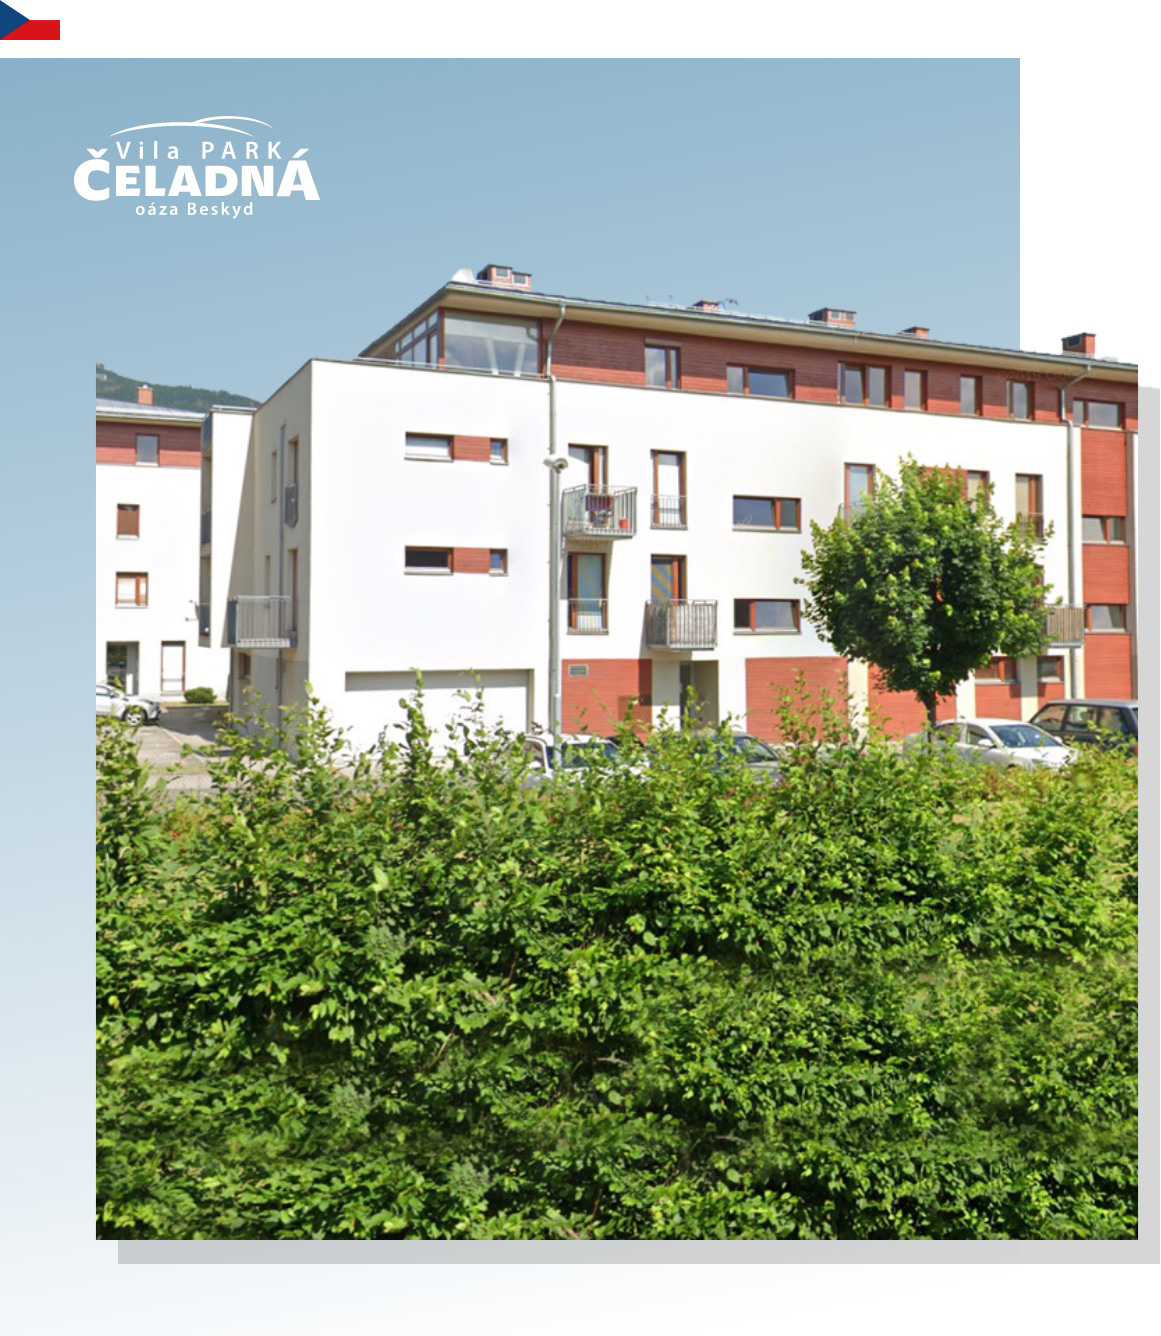 VILA PARK ČELADNÁ │ ČELADNÁ (SEVERNÍ MORAVA)